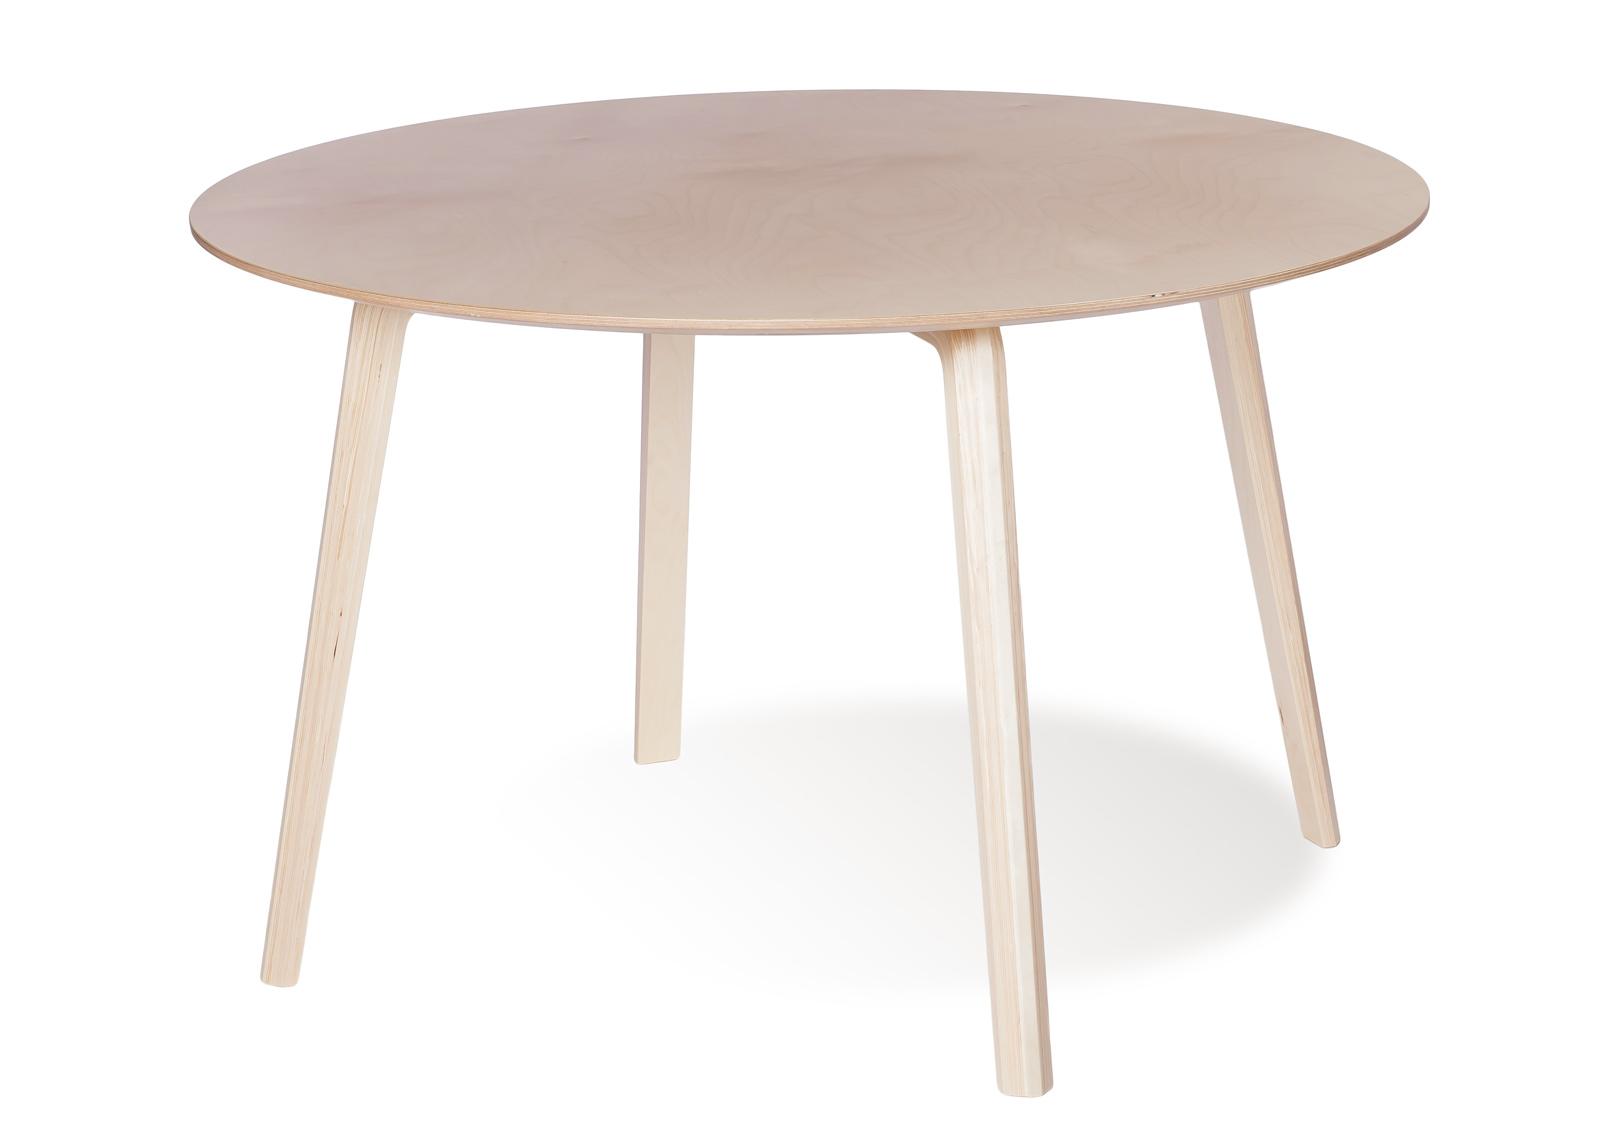 Ruokapöytä MILONGA Ø 120 cm (luonnollinen koivu)